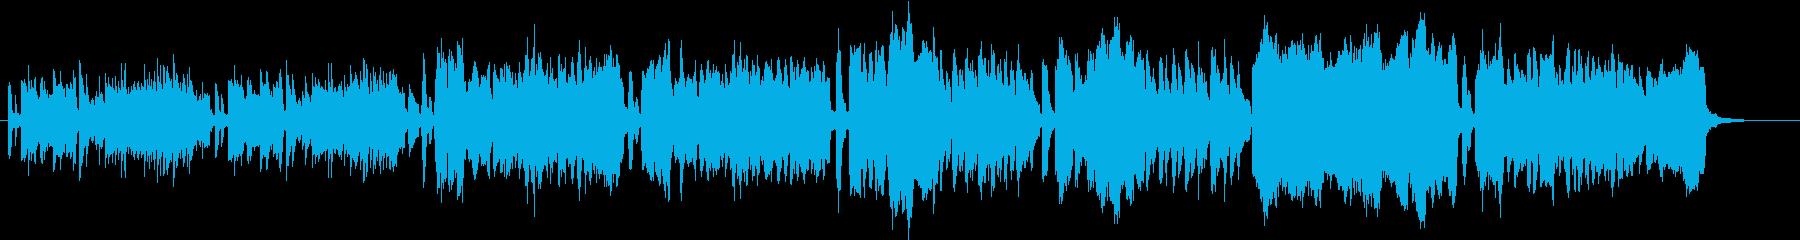 バロ、バロ、バロックの再生済みの波形